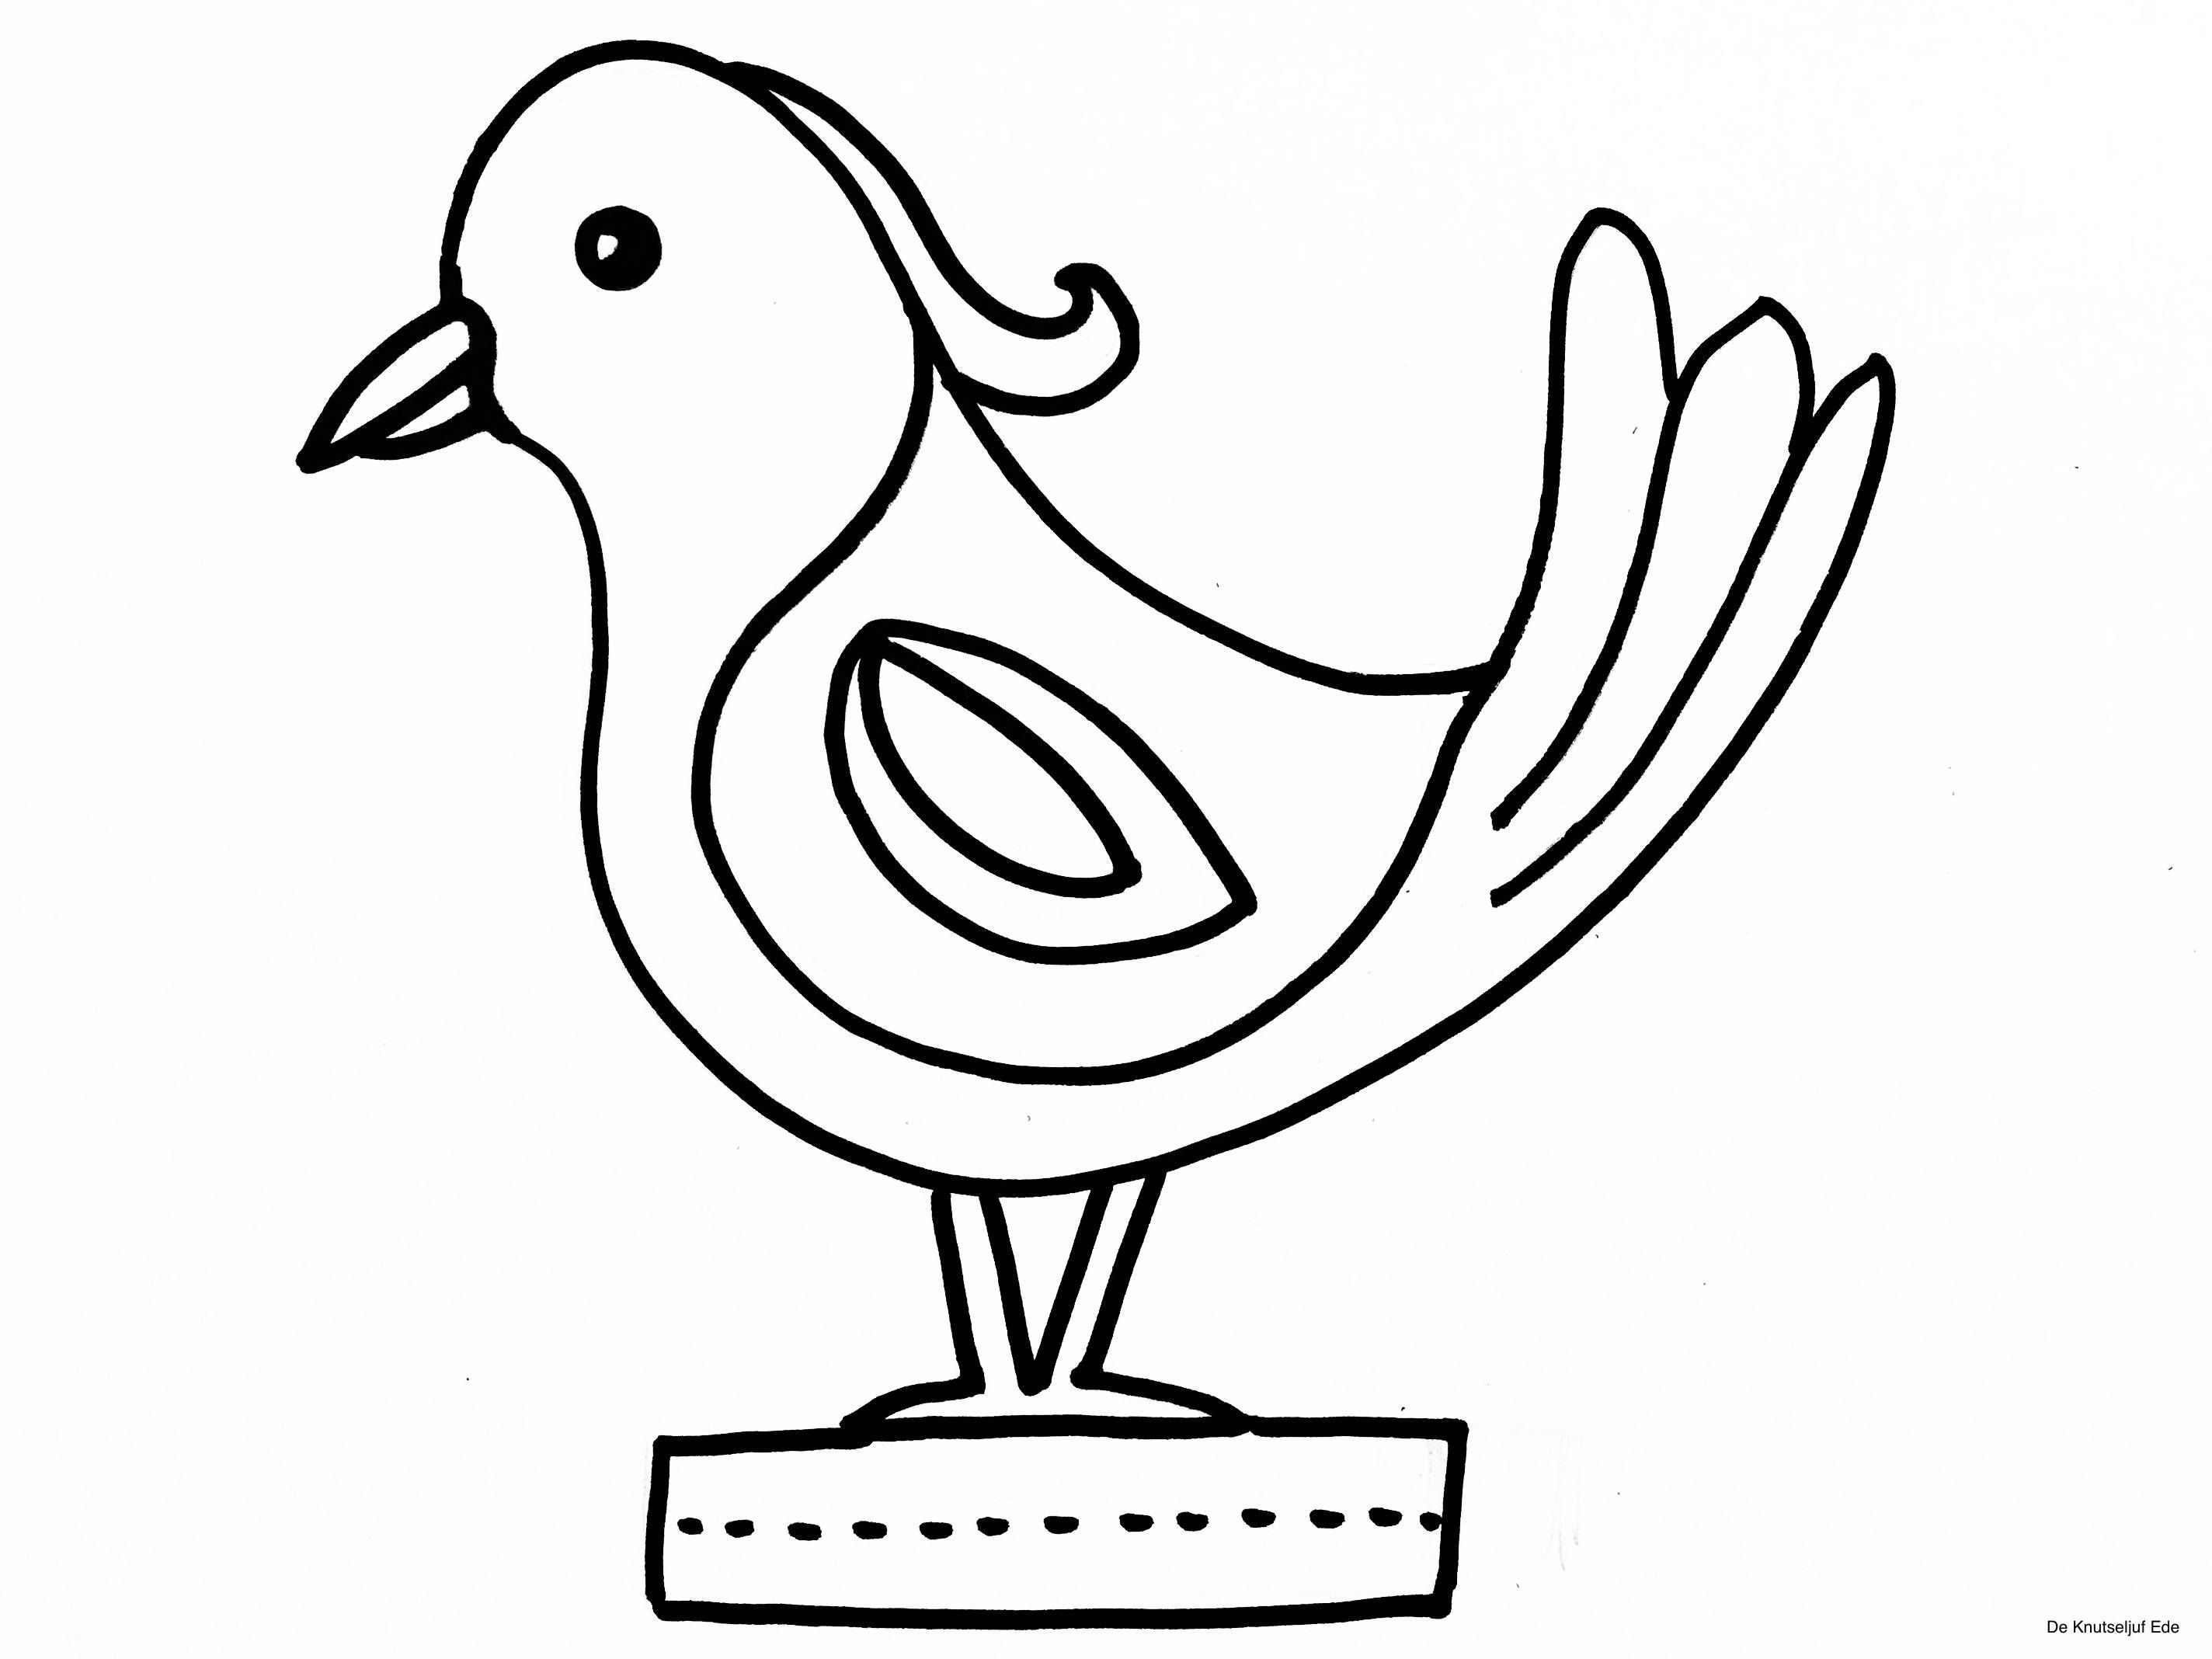 Kleurplaten Vogels Printen.Kleurplaten Vogels Kleurplaten Kleurplaten Vogels